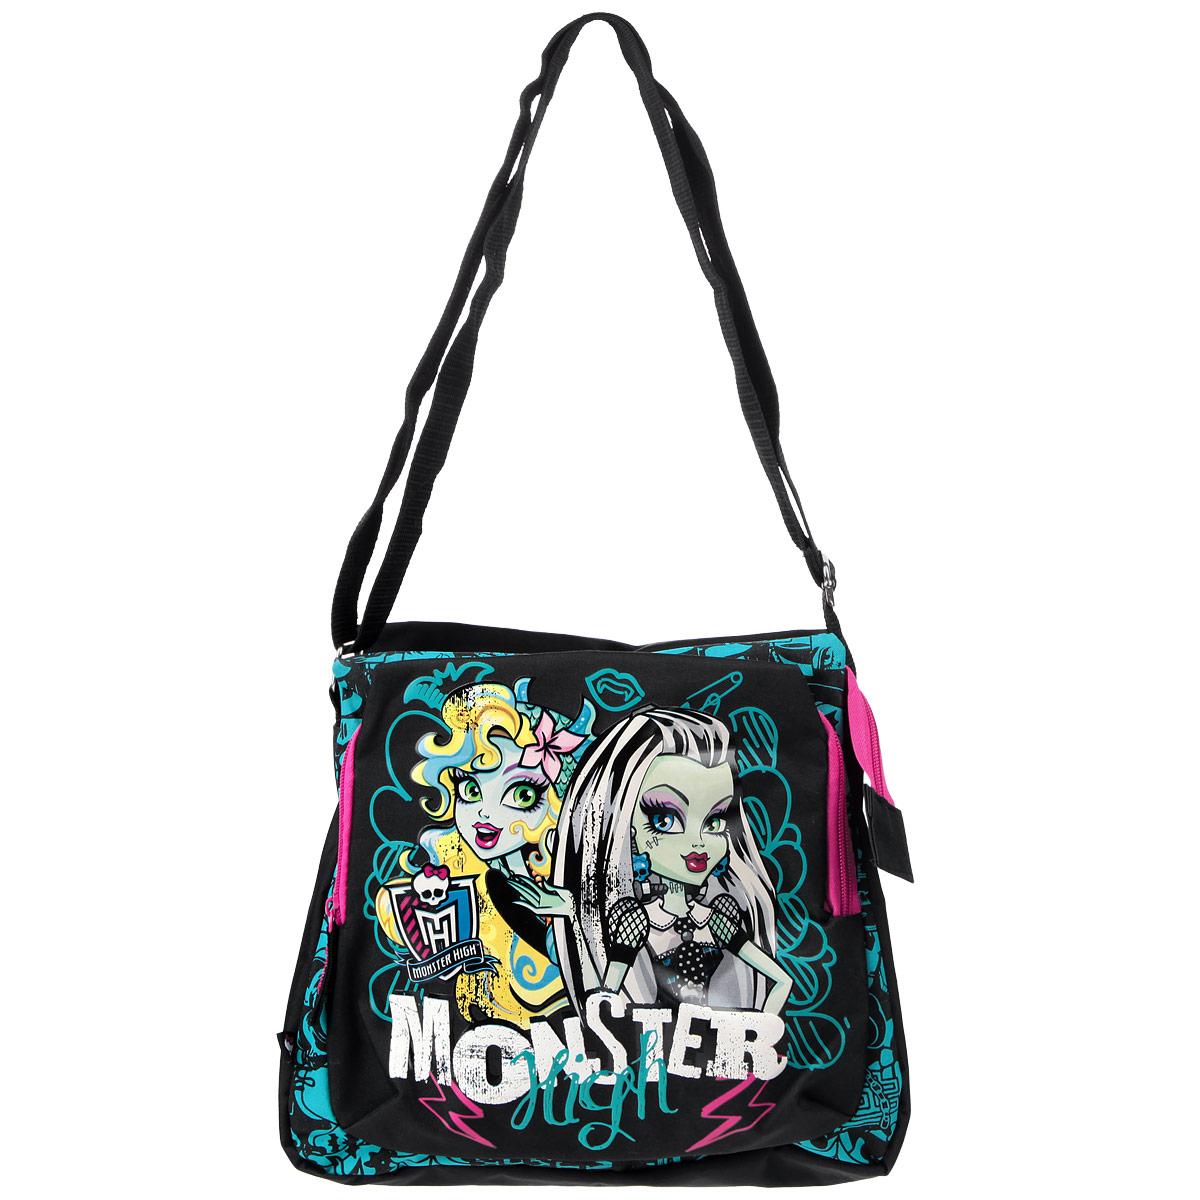 Сумка детская Monster High, цвет: черный, бирюзовый. MHBA-UT1-501372523WDСумка на плечо Monster High трапециевидной формы подчеркнет ваш безупречный вкус и послужит отличным аксессуаром на каждый день. Сумка способна вместить ультрамодные гаджеты, документы, и школьные принадлежности. Внутренняя отделка выполнена качественной подкладочной тканью. Сумка содержит одно отделение с закрытым карманом на молнии. Вместительный наружный карман на молнии предназначен для средних и мелких предметов. Также карман на молнии расположен на задней стороне. У сумки широкая лямка, регулируемая по длине, что делает ее очень удобной и практичной. Торопитесь примерить на себя новый стильный образ с сумкой Monster High!